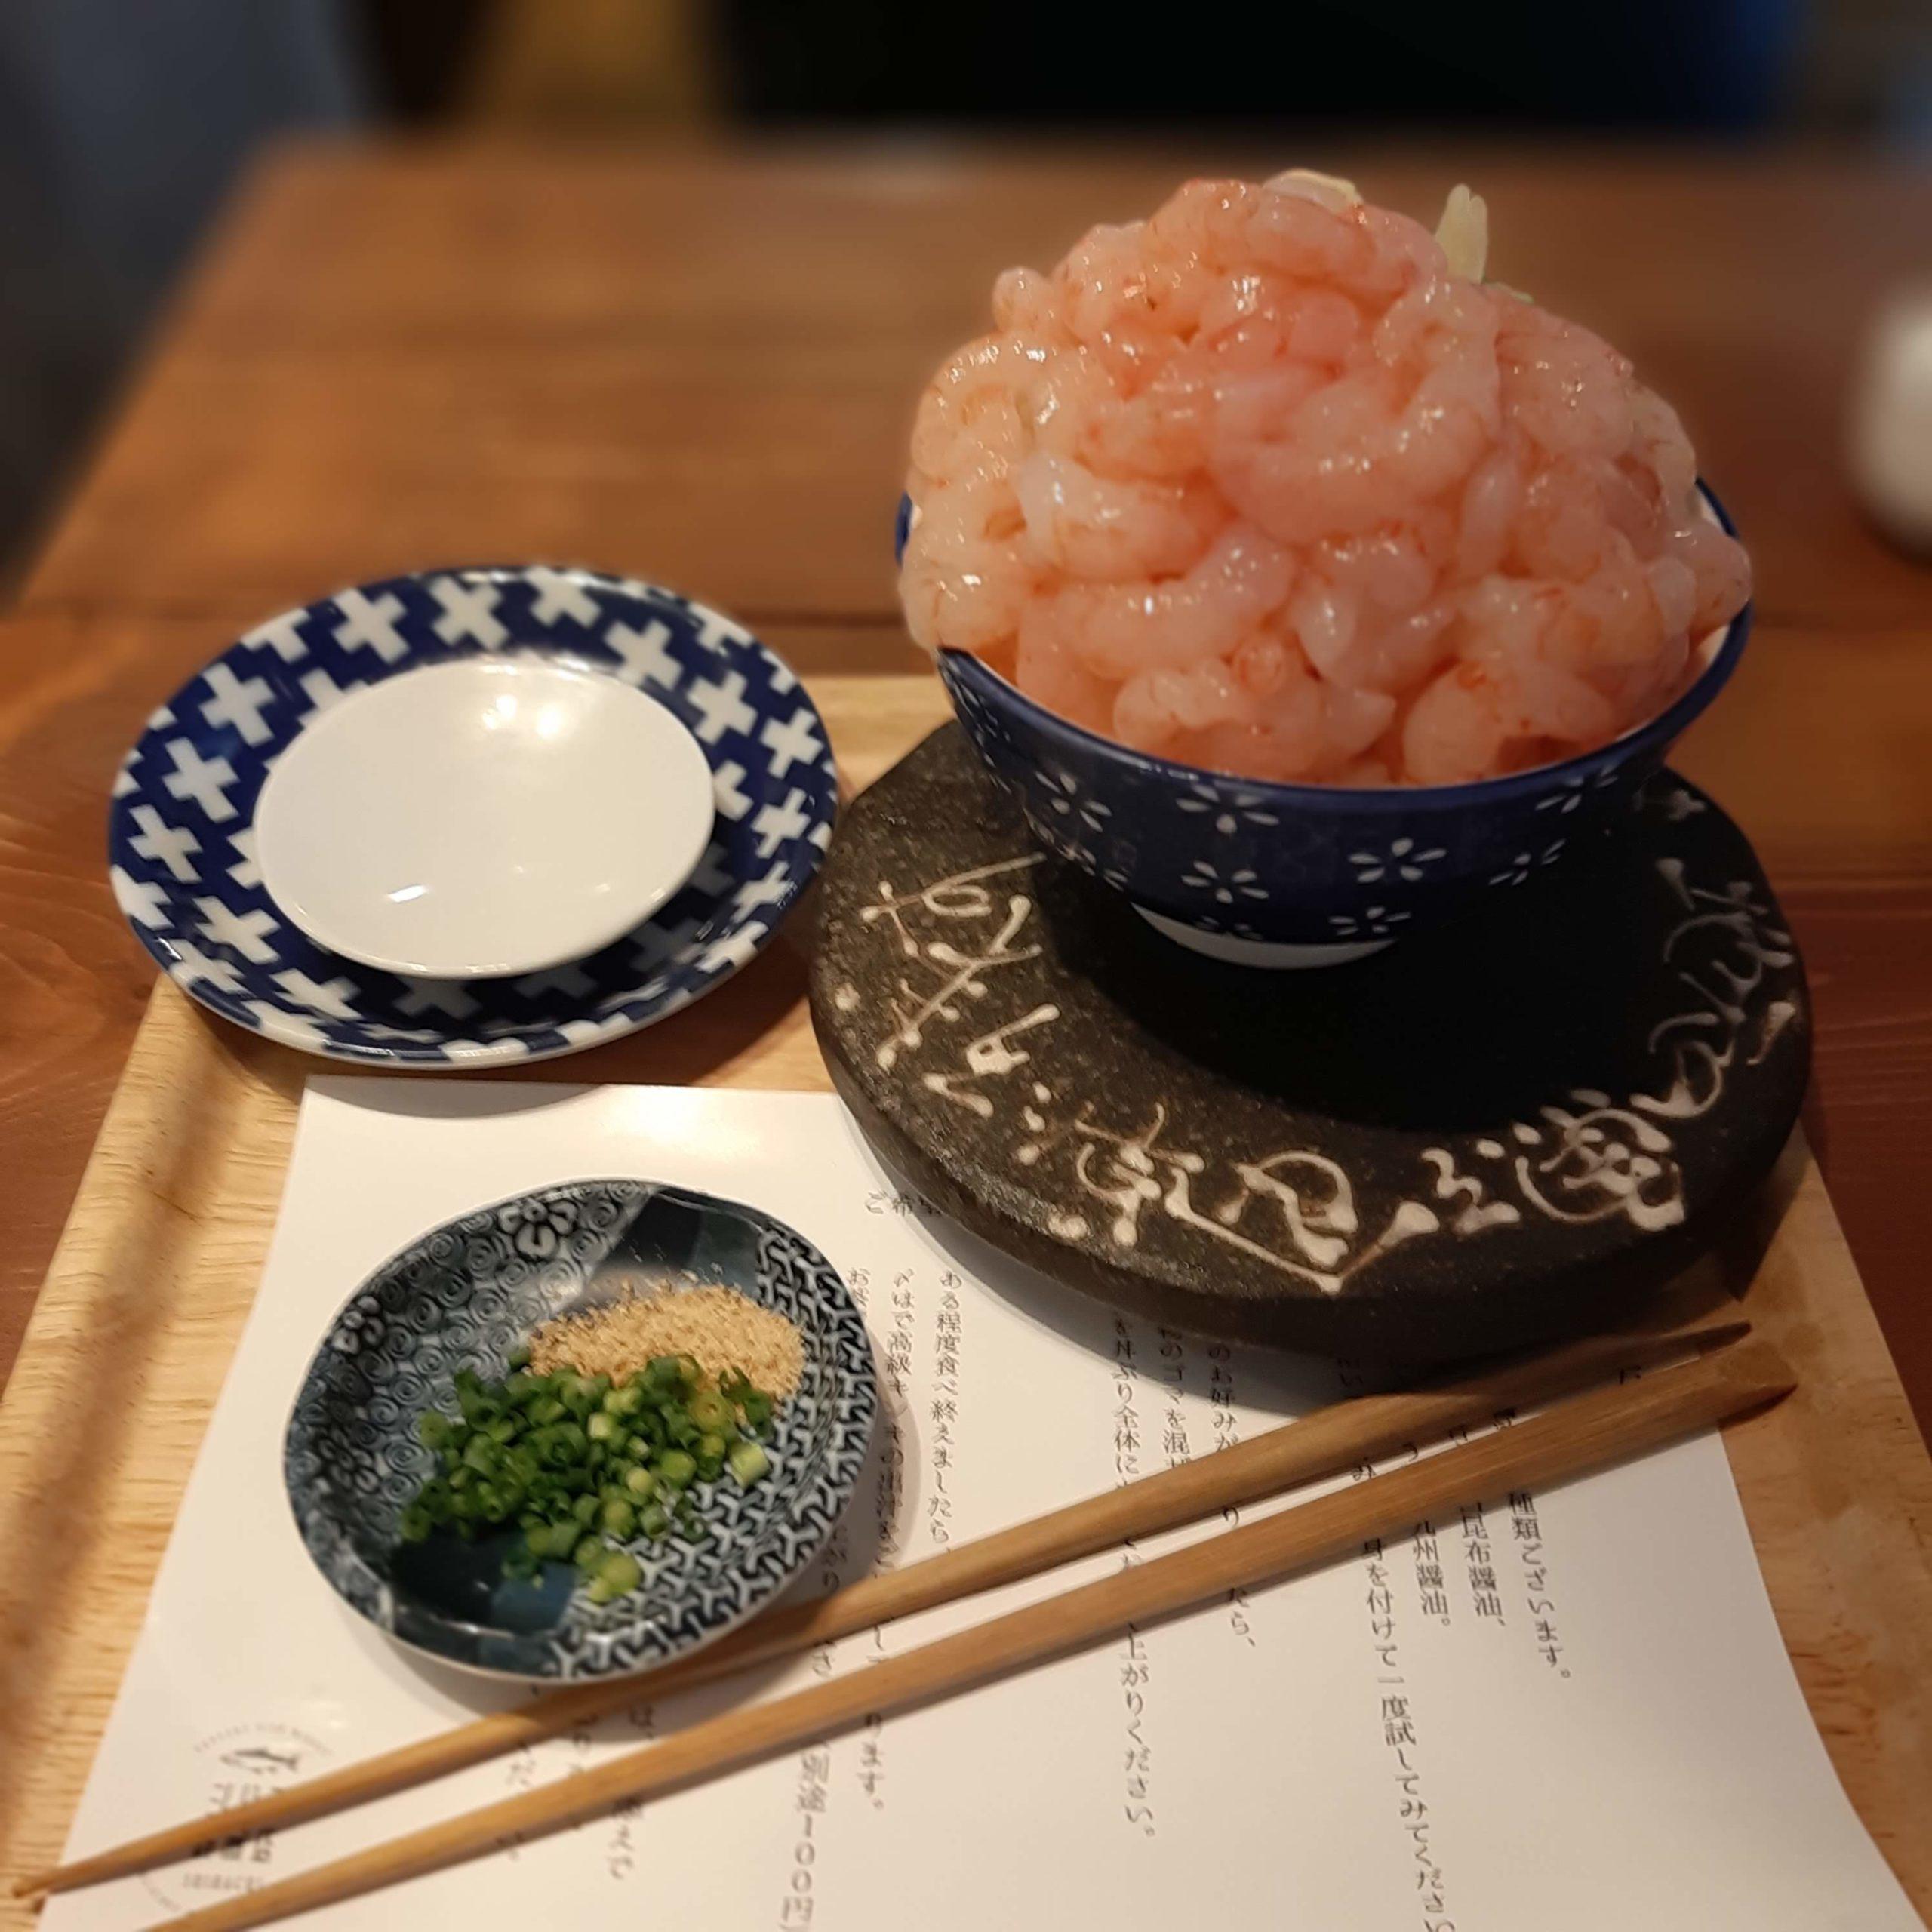 シハチ鮮魚店の本日の日替わり丼(甘えび丼)